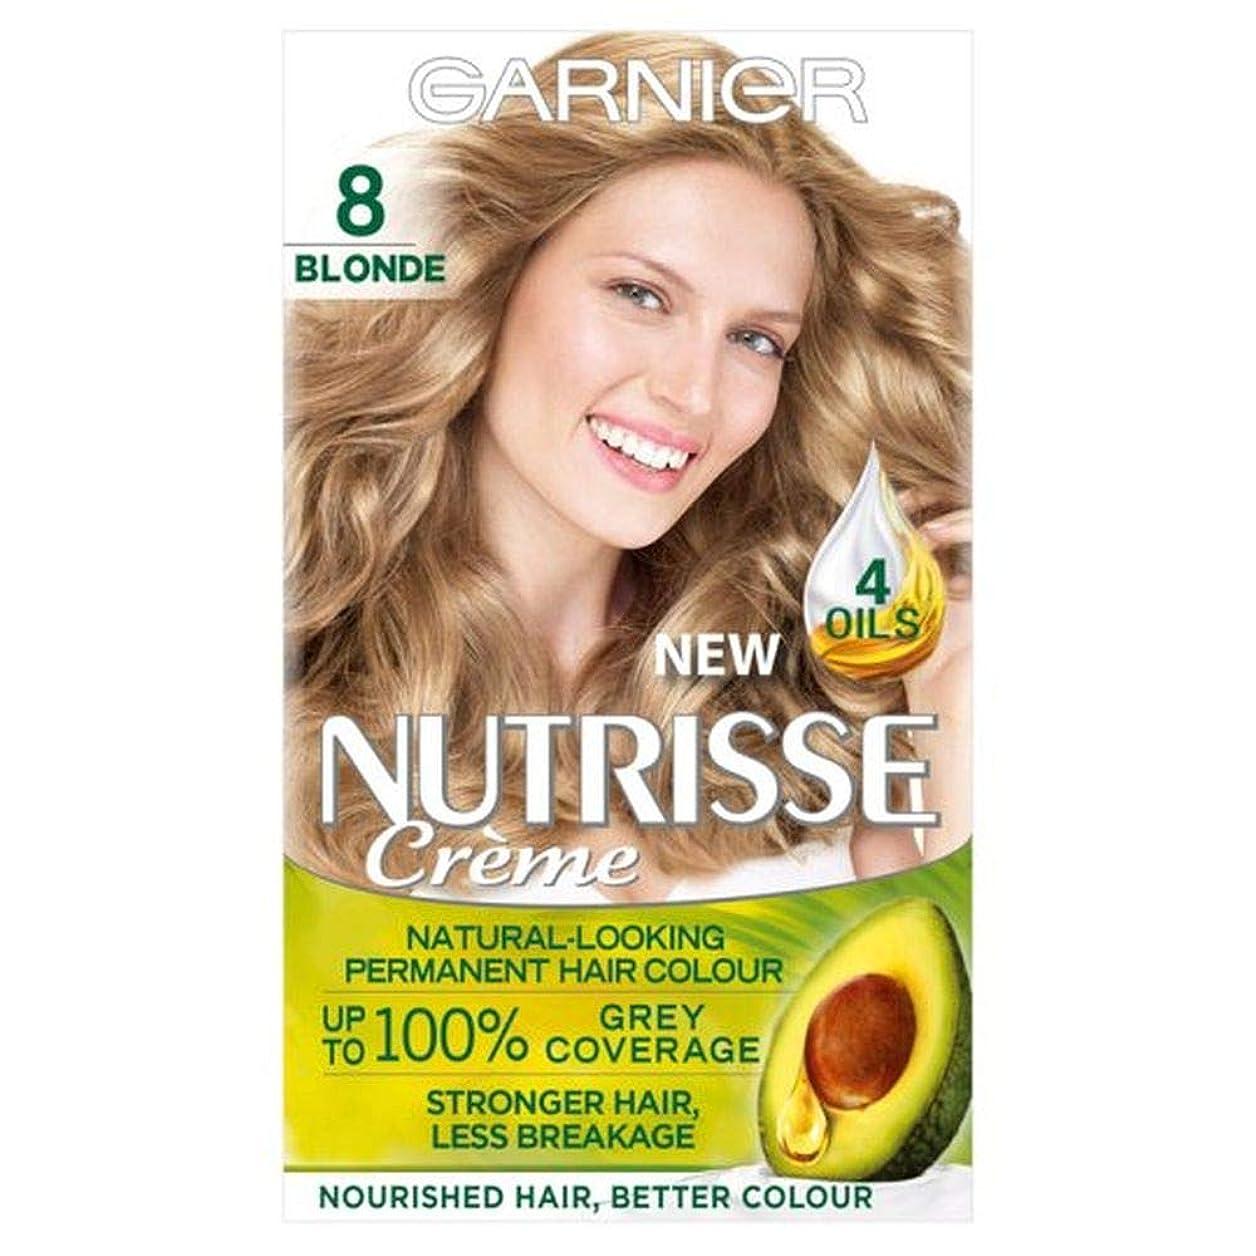 前書き船上知性[Nutrisse] 8ブロンドの永久染毛剤Nutrisseガルニエ - Garnier Nutrisse 8 Blonde Permanent Hair Dye [並行輸入品]